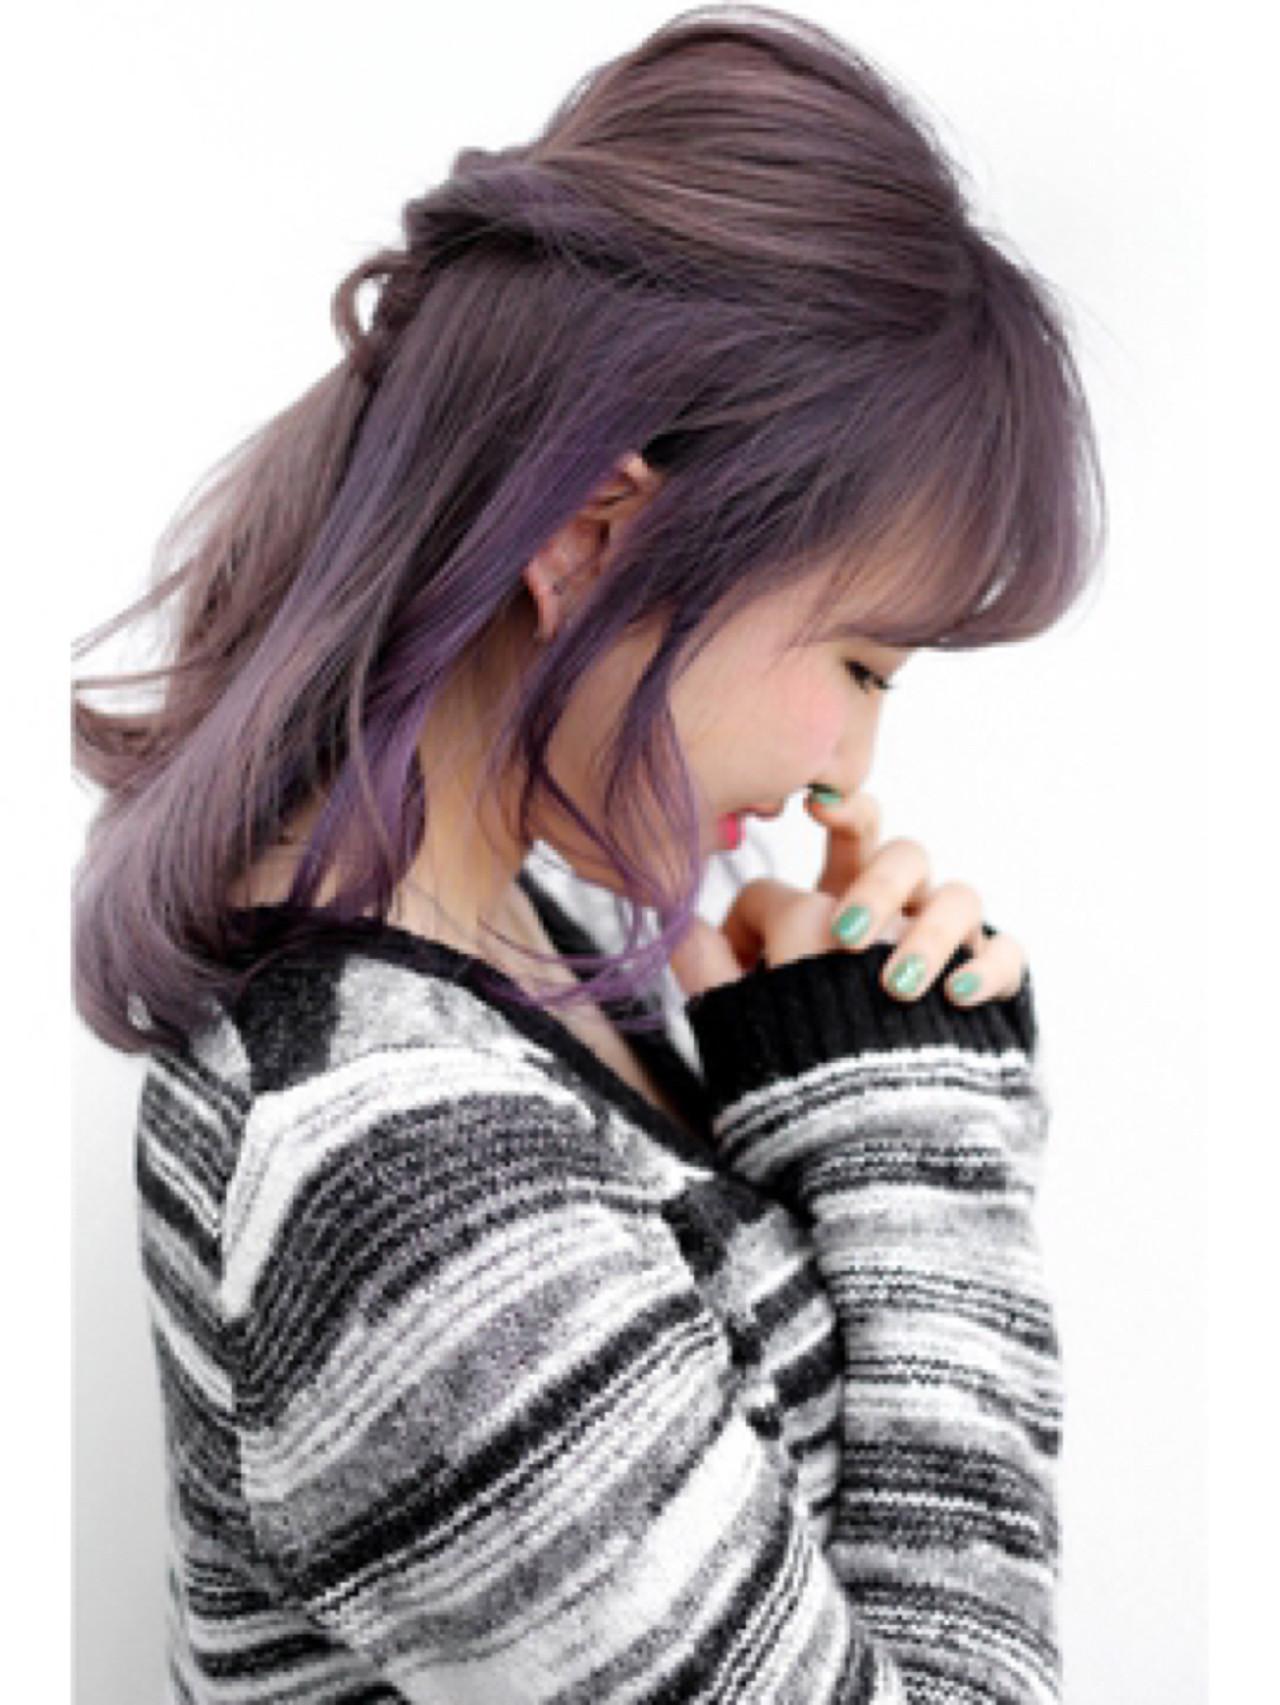 ラベンダーアッシュなあなたの髪色を旬に♪うっとり色落ちを楽しもう 仲澤 武 / tornado